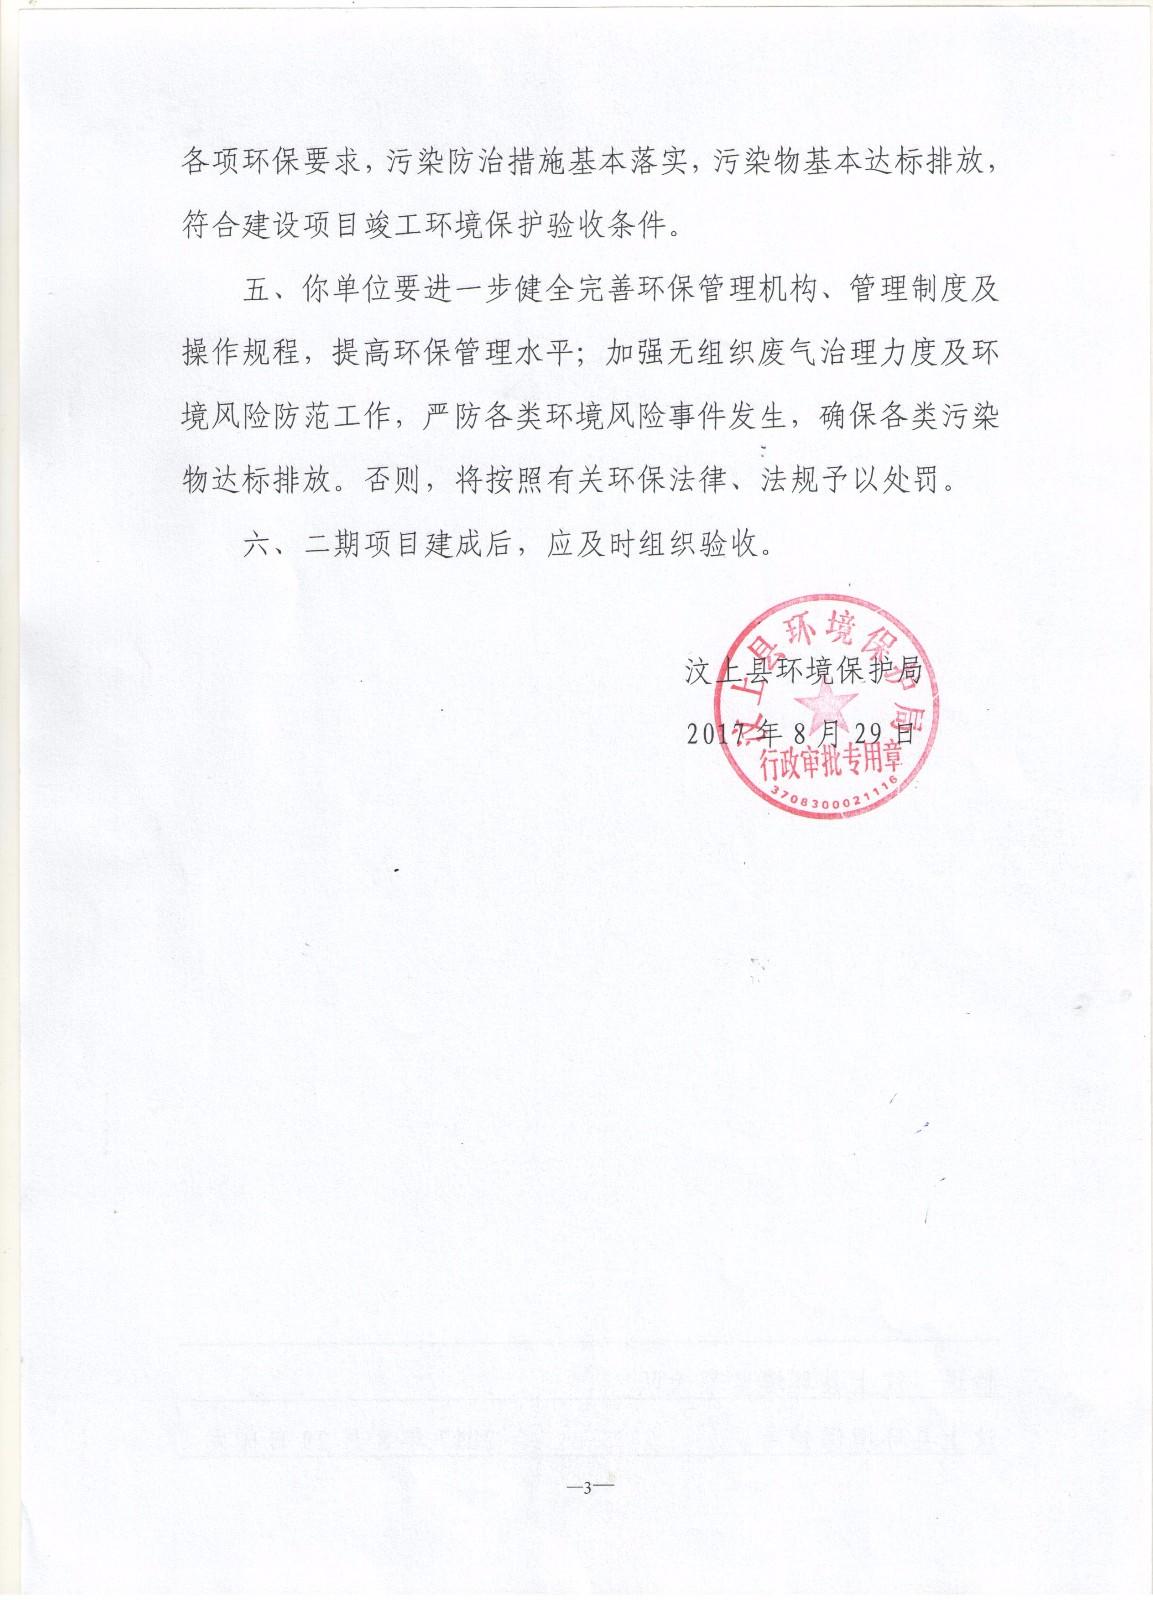 汶上县环境保护局|最新资讯-济宁兰剑机械有限公司